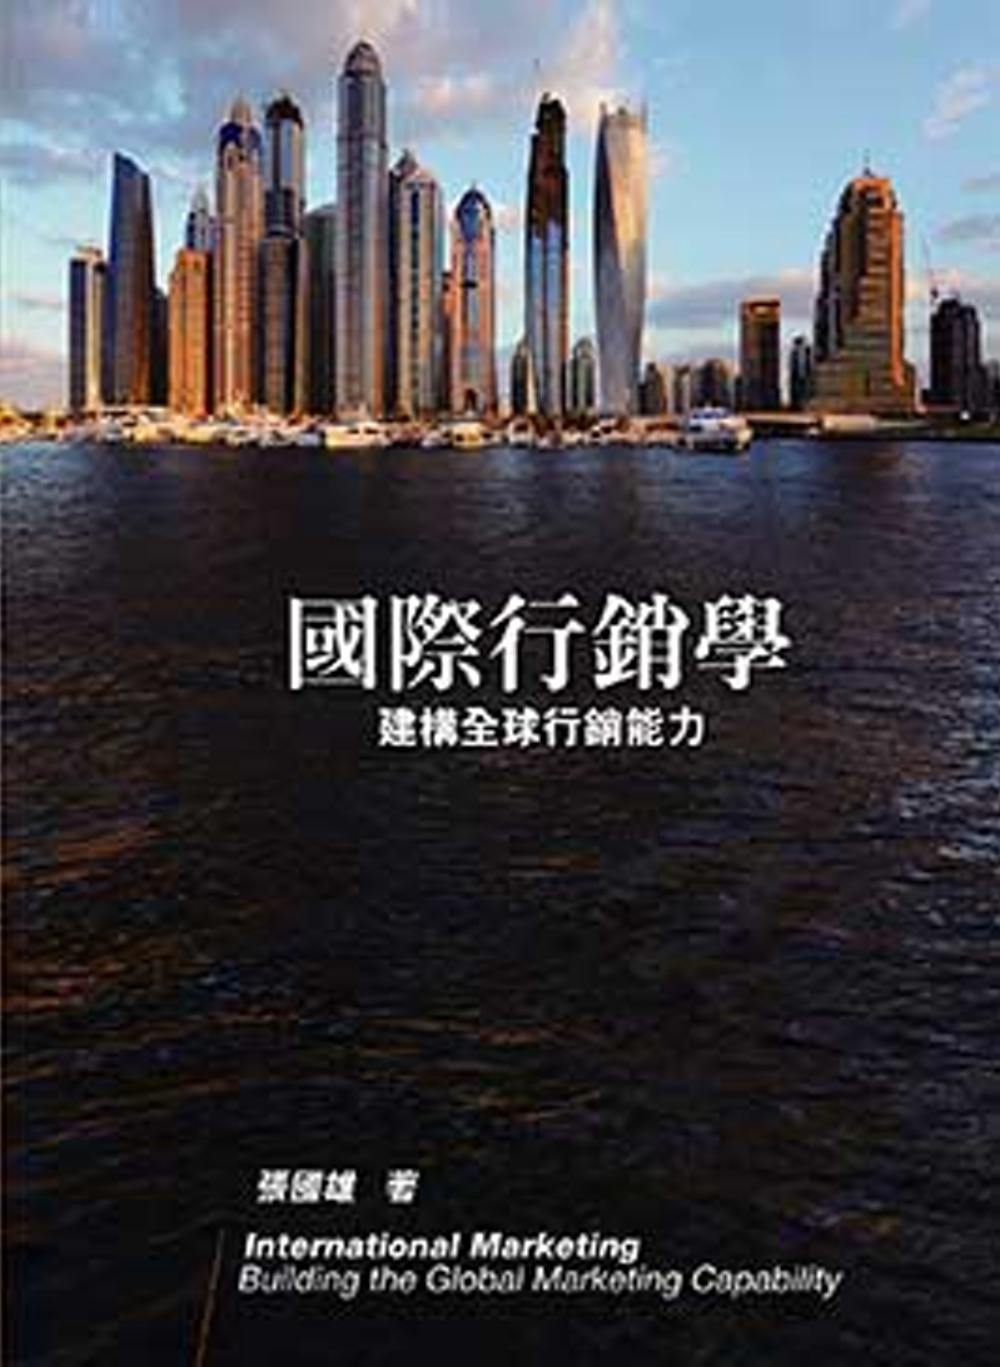 國際行銷學:建構全球行銷能力 5/e